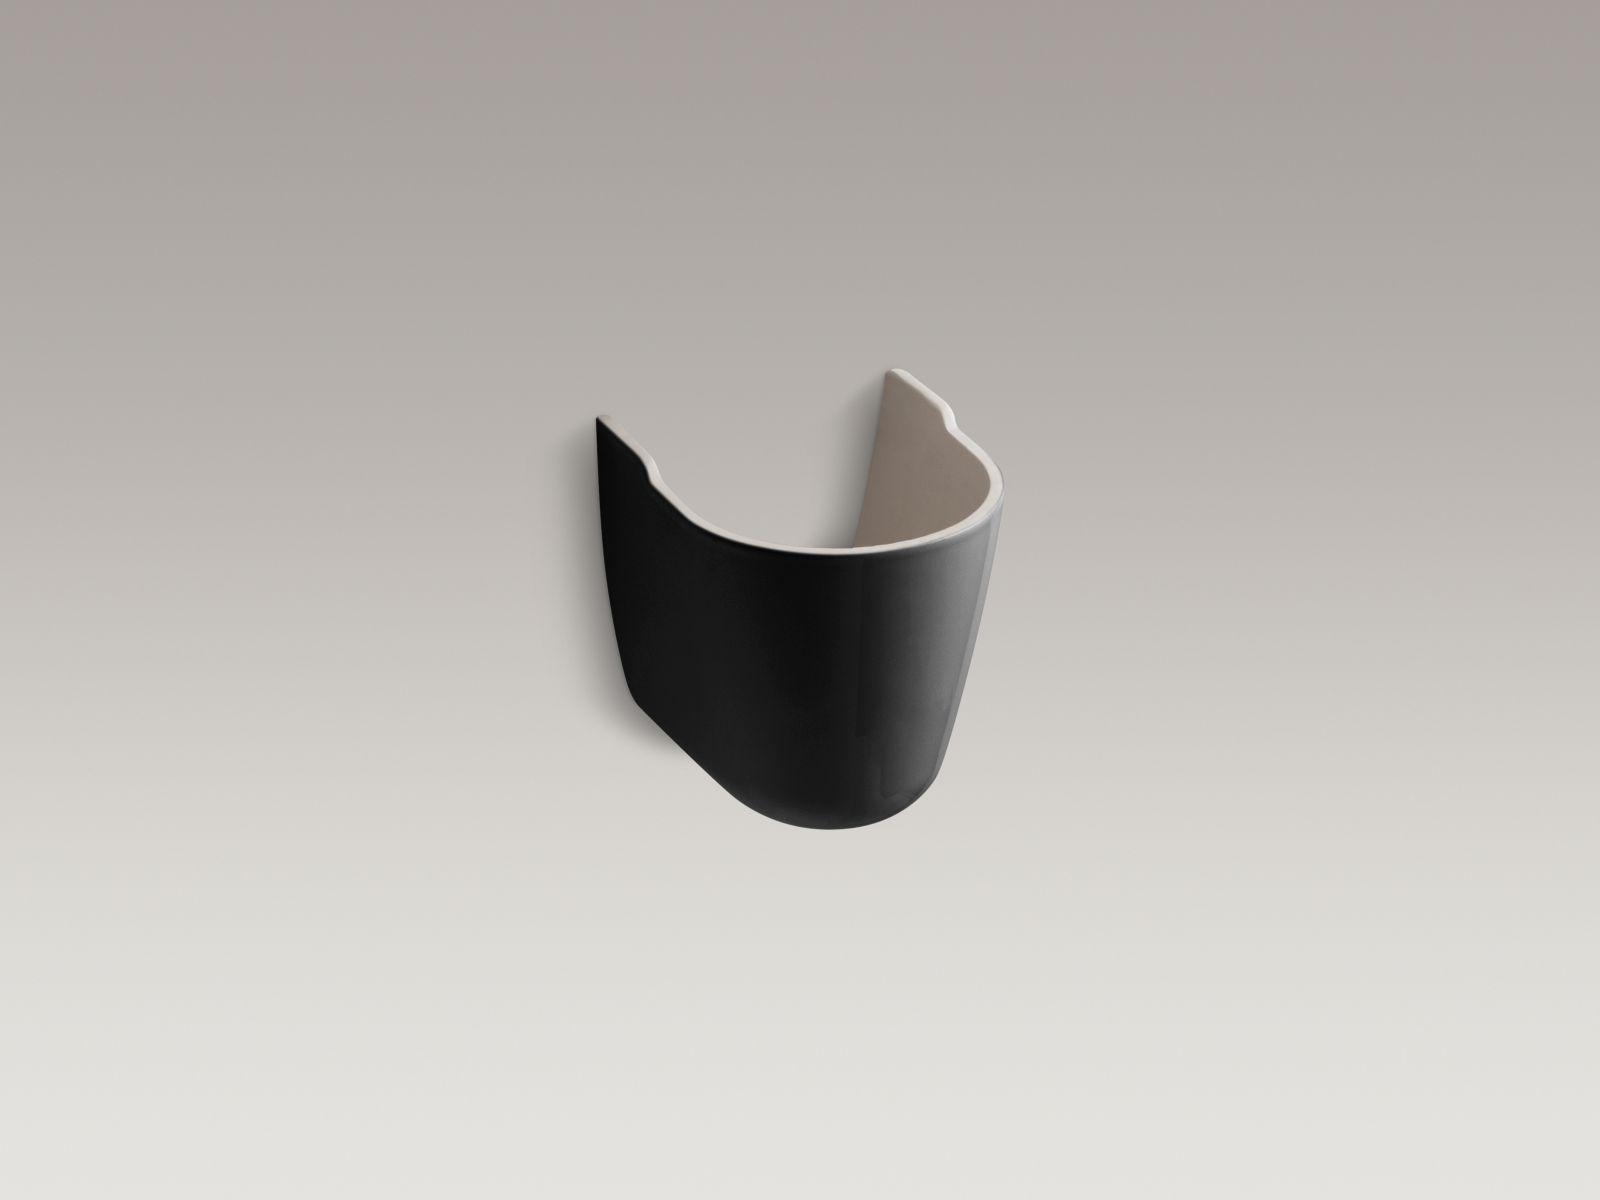 Kohler K-1998-7 Brenham Shroud for Wall-mounted Bathroom Sinks Black Black